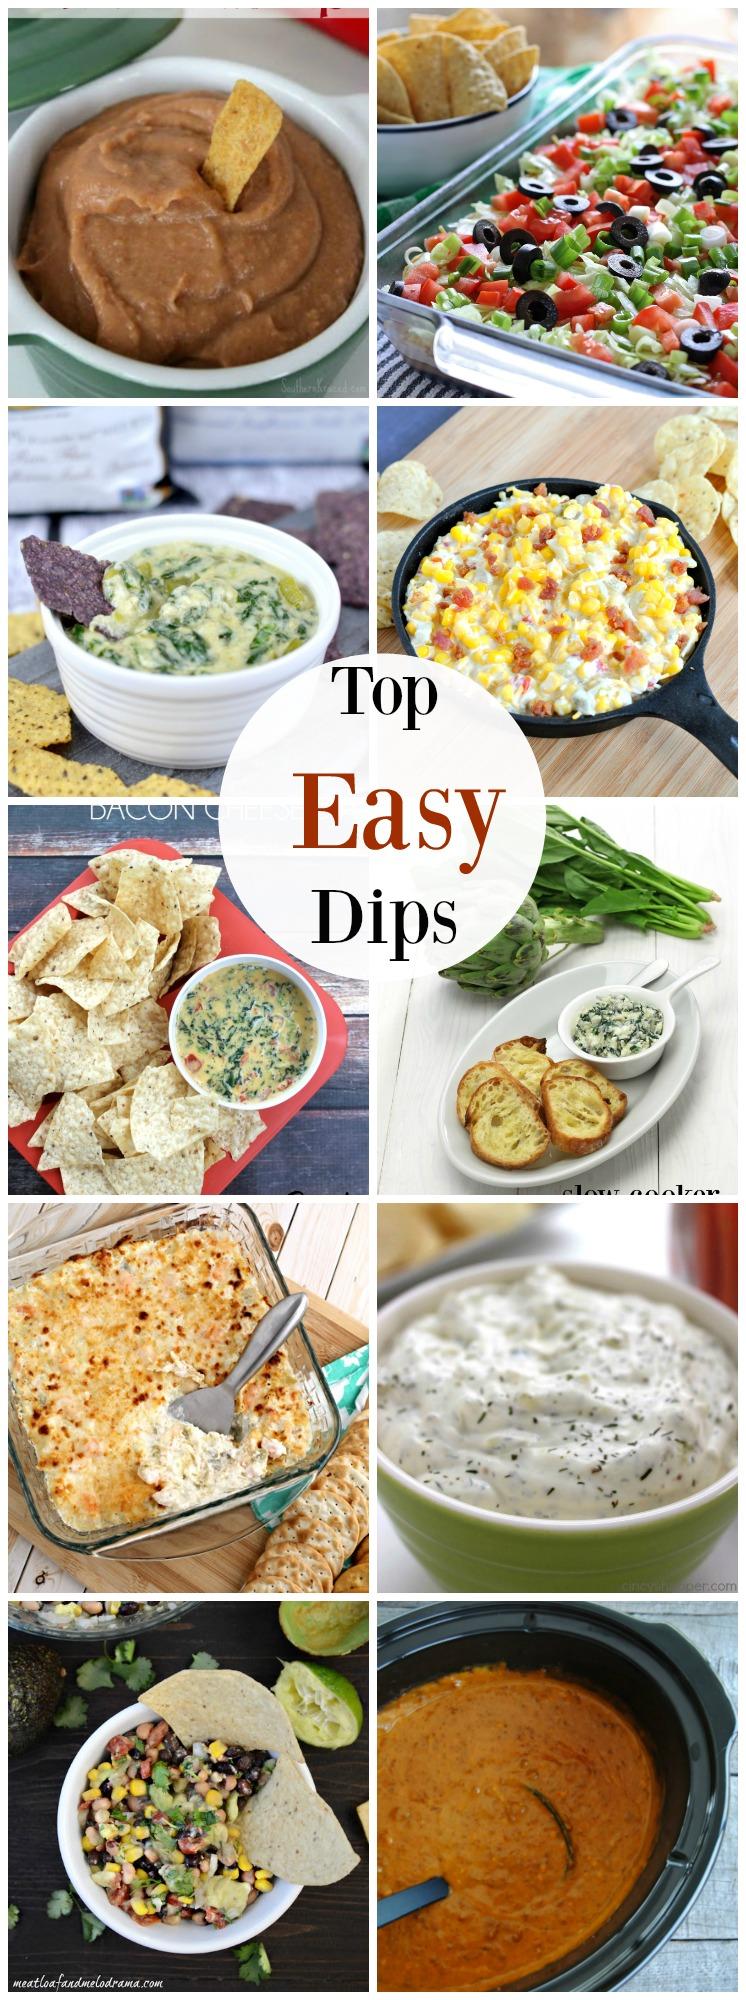 Top Easy Dips